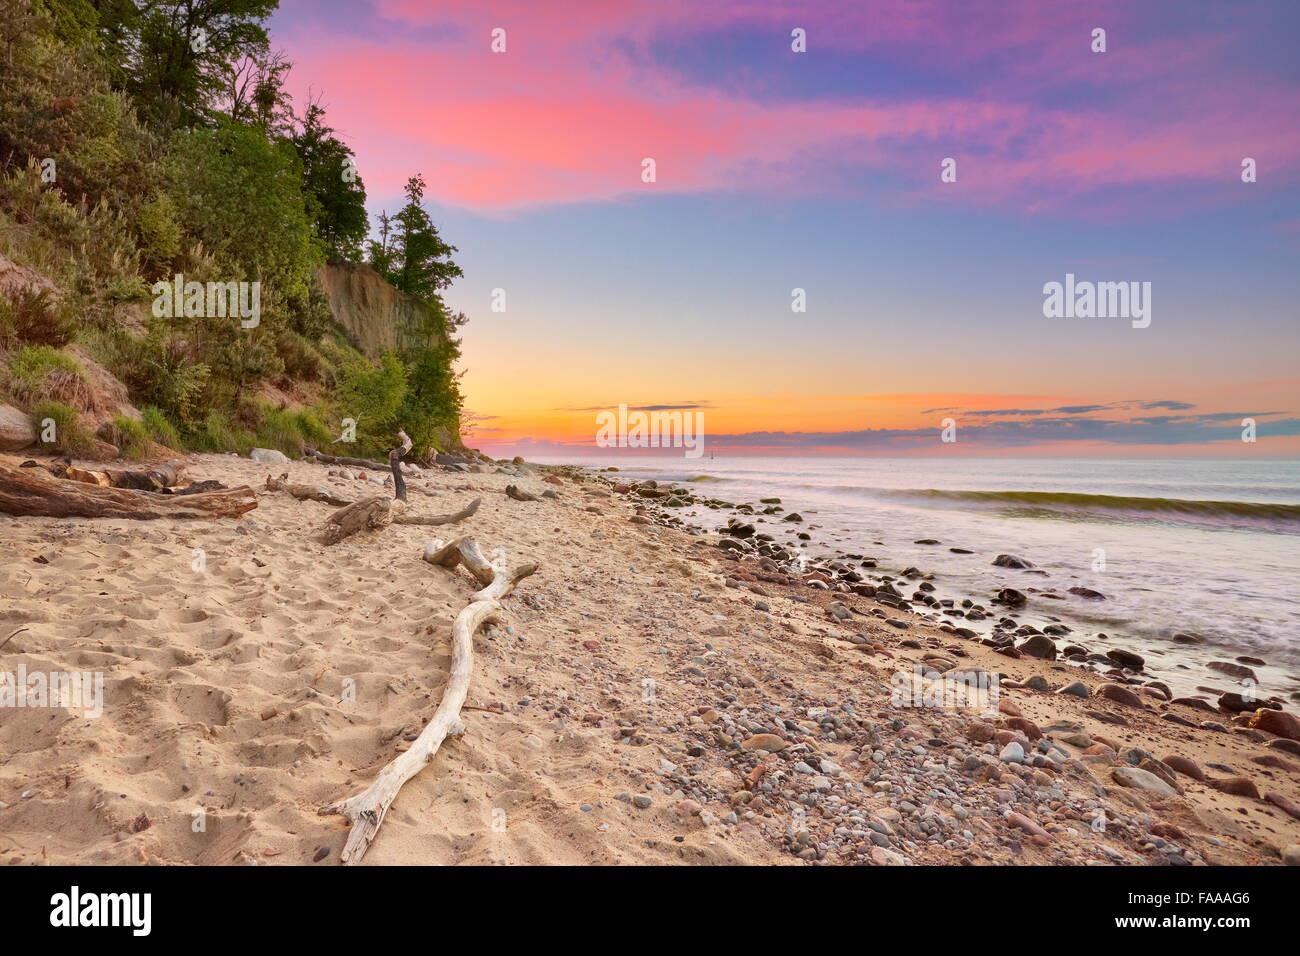 Orlowski Cliff, Baltic Sea at sunset, Gdynia, Pomerania, Poland Stock Photo